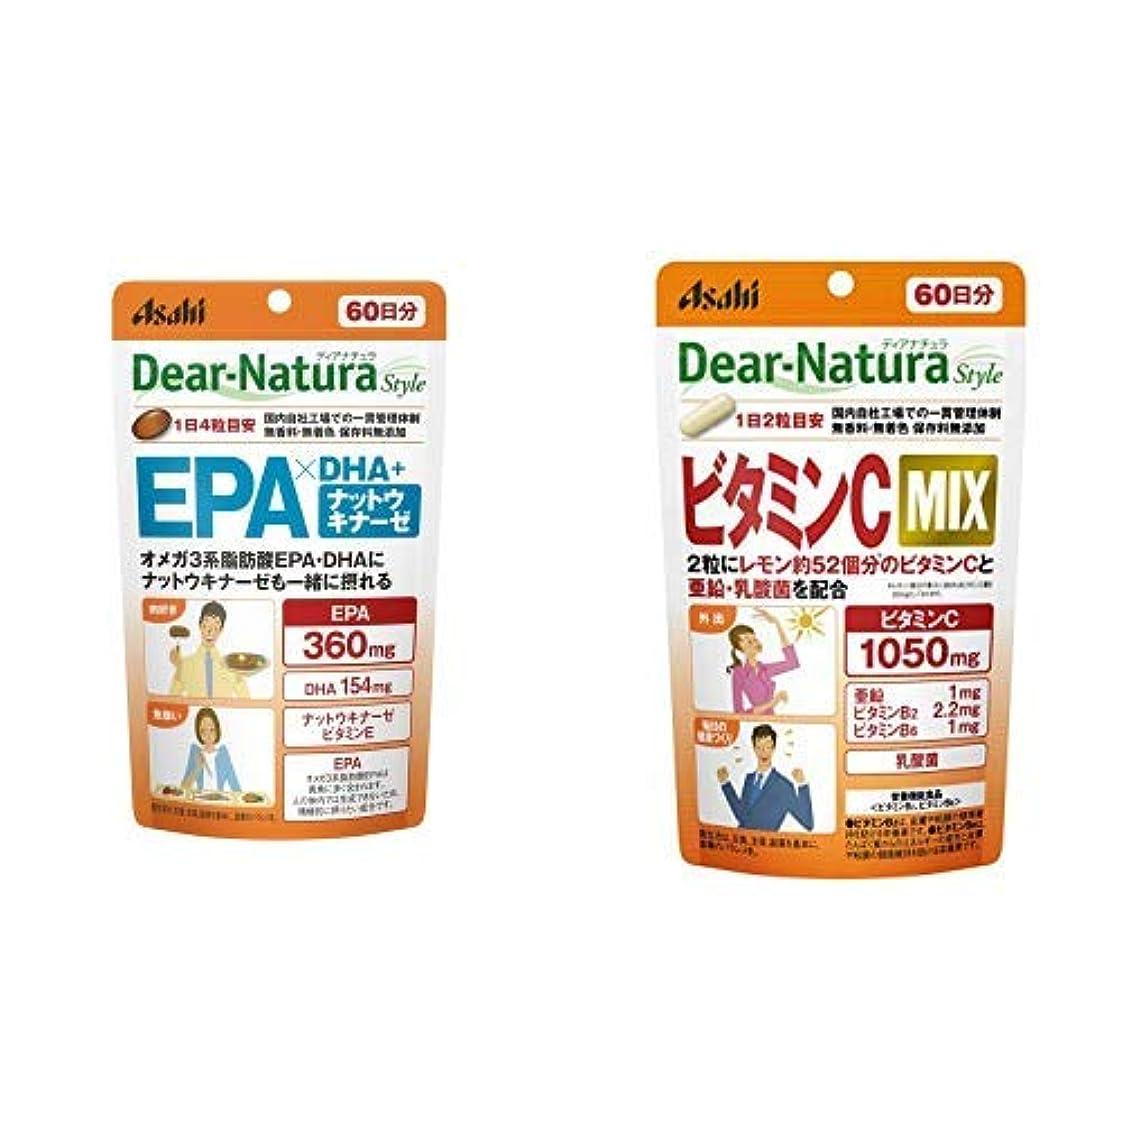 苦伝統性的【セット買い】ディアナチュラスタイル EPA×DHA+ナットウキナーゼ 60日分 & ビタミンC MIX 60日分